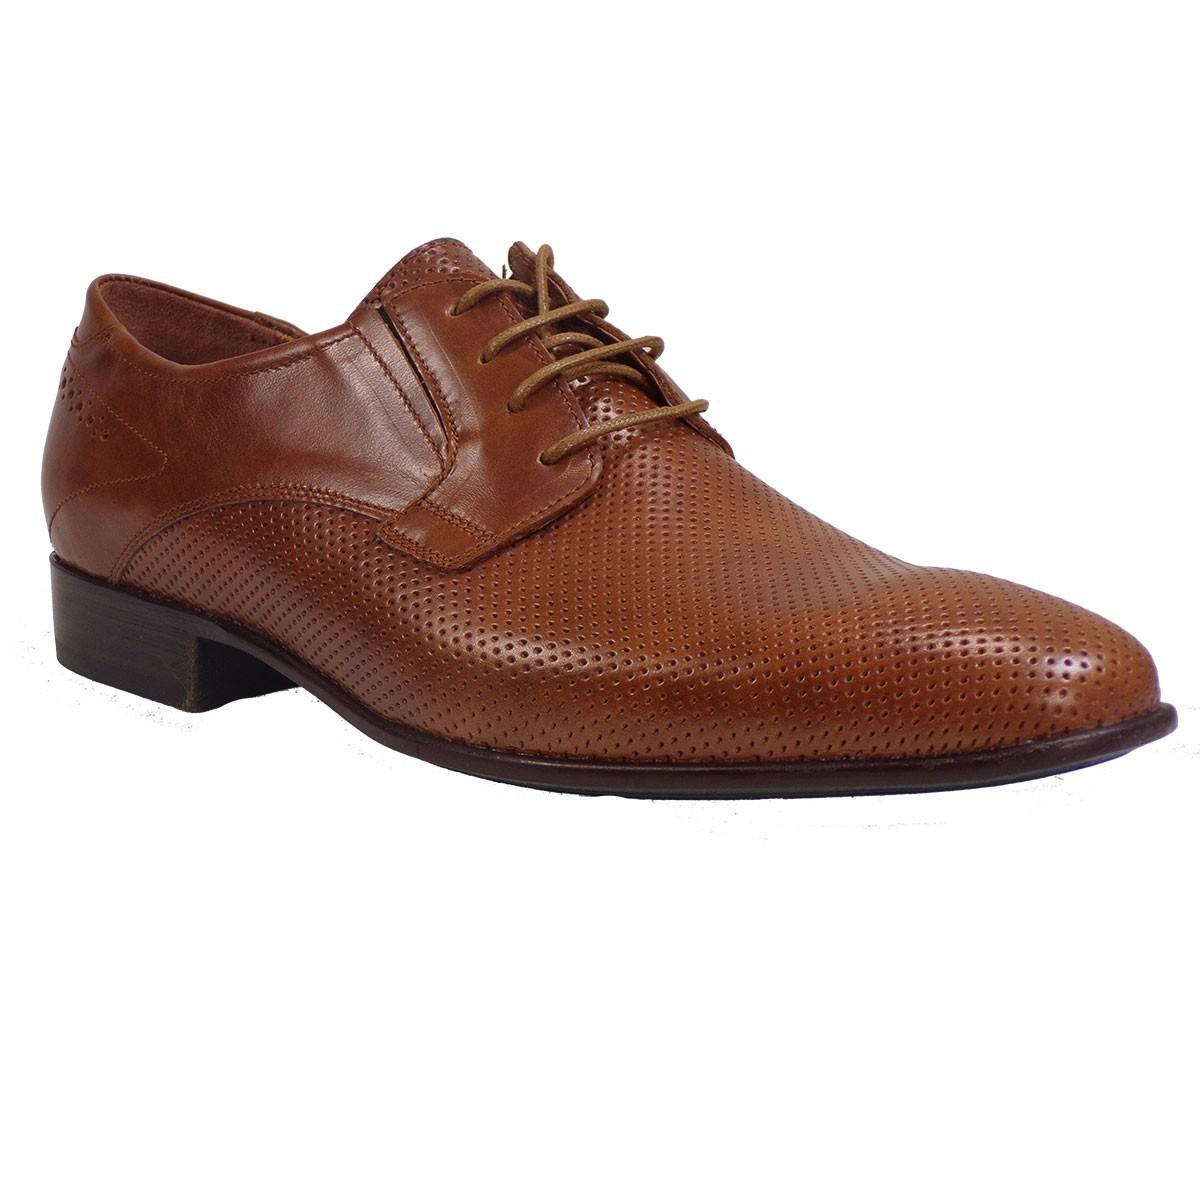 kricket Ανδρικά Παπούτσια 681Λ Ταμπά Δέρμα